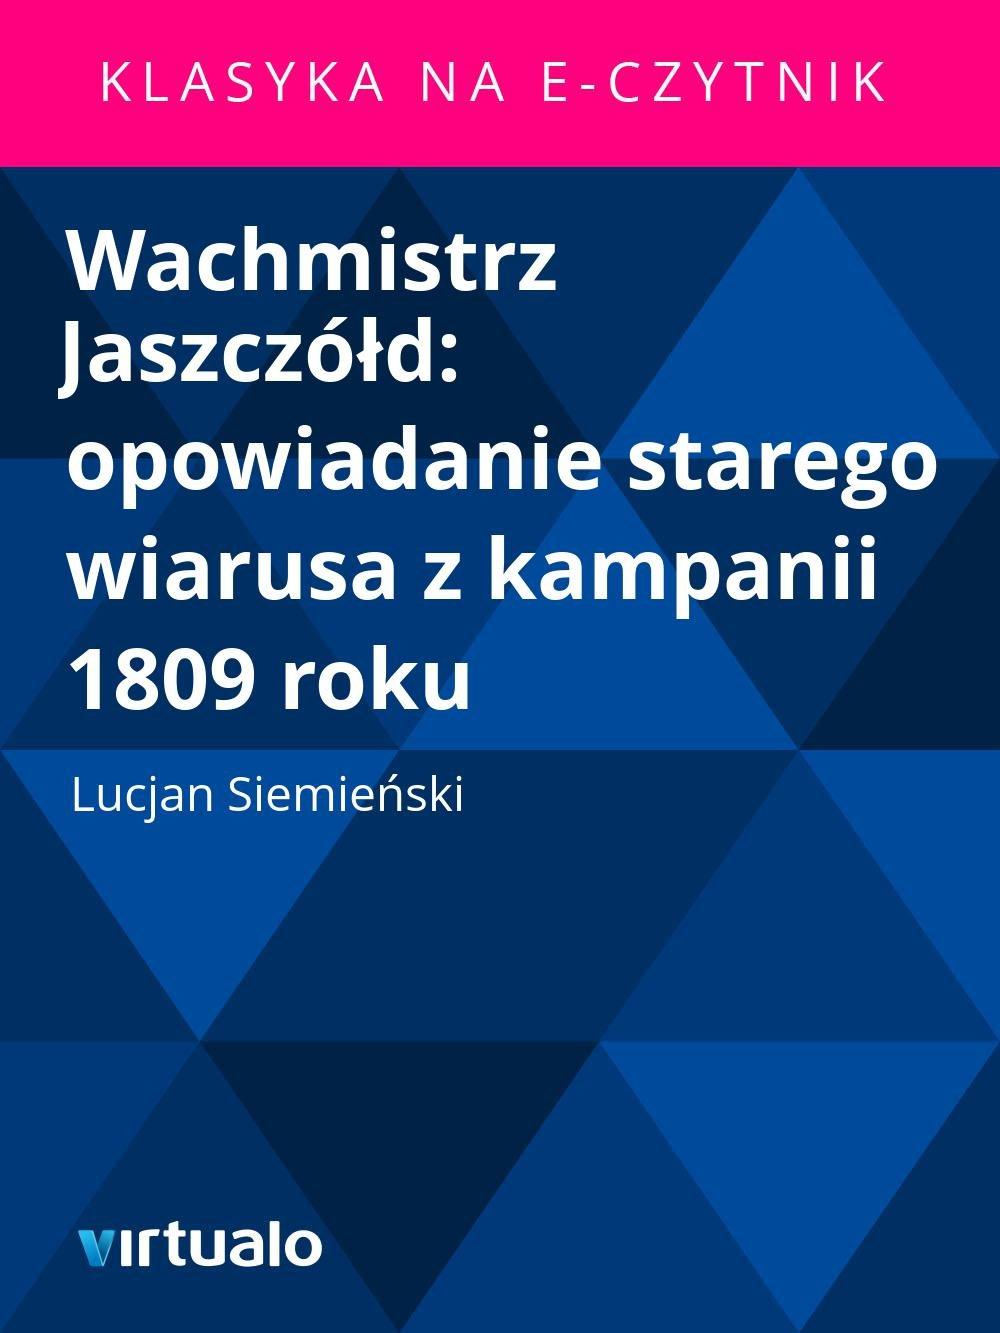 Wachmistrz Jaszczółd: opowiadanie starego wiarusa z kampanii 1809 roku - Ebook (Książka EPUB) do pobrania w formacie EPUB